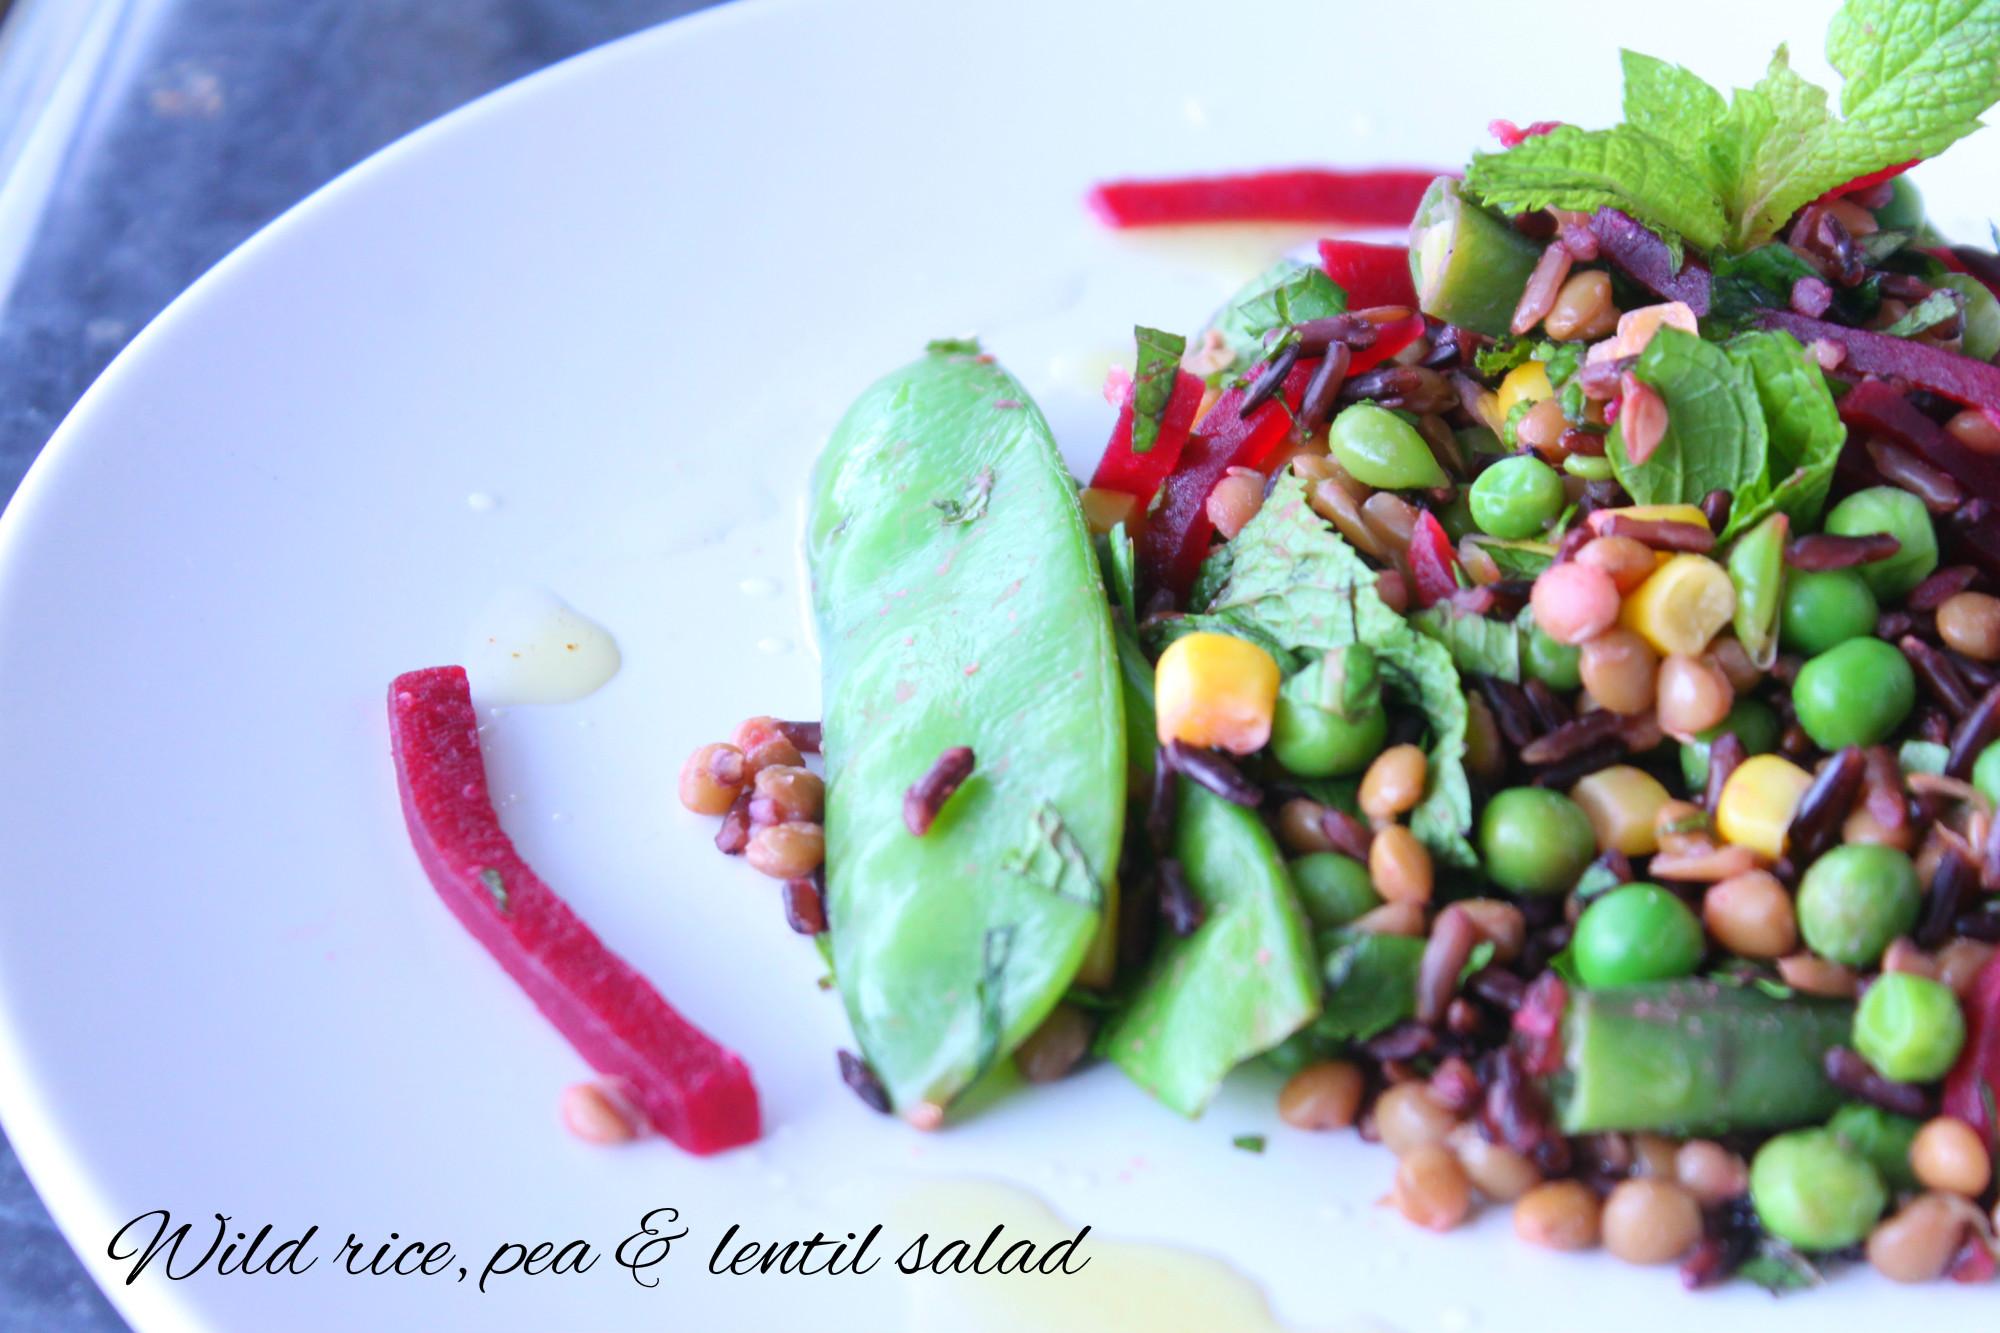 Wild rice, pea& lentil salad